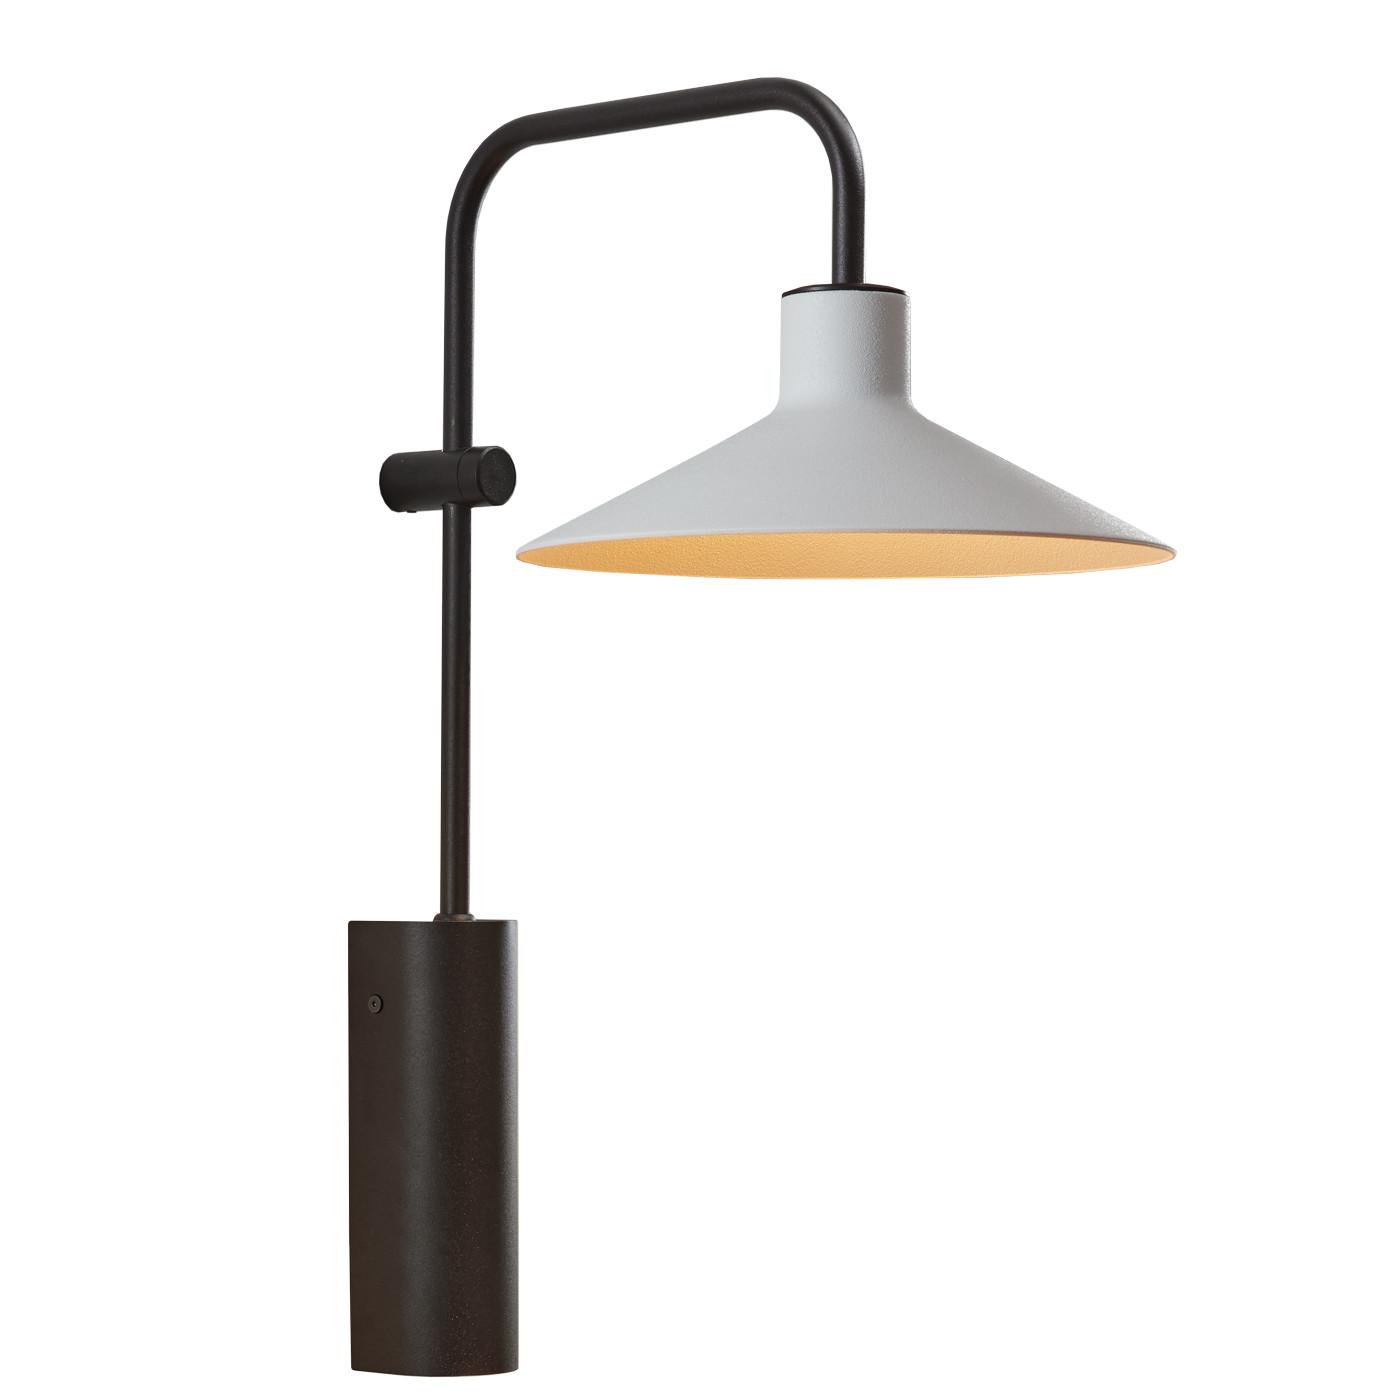 Bover Platet A/02 LED